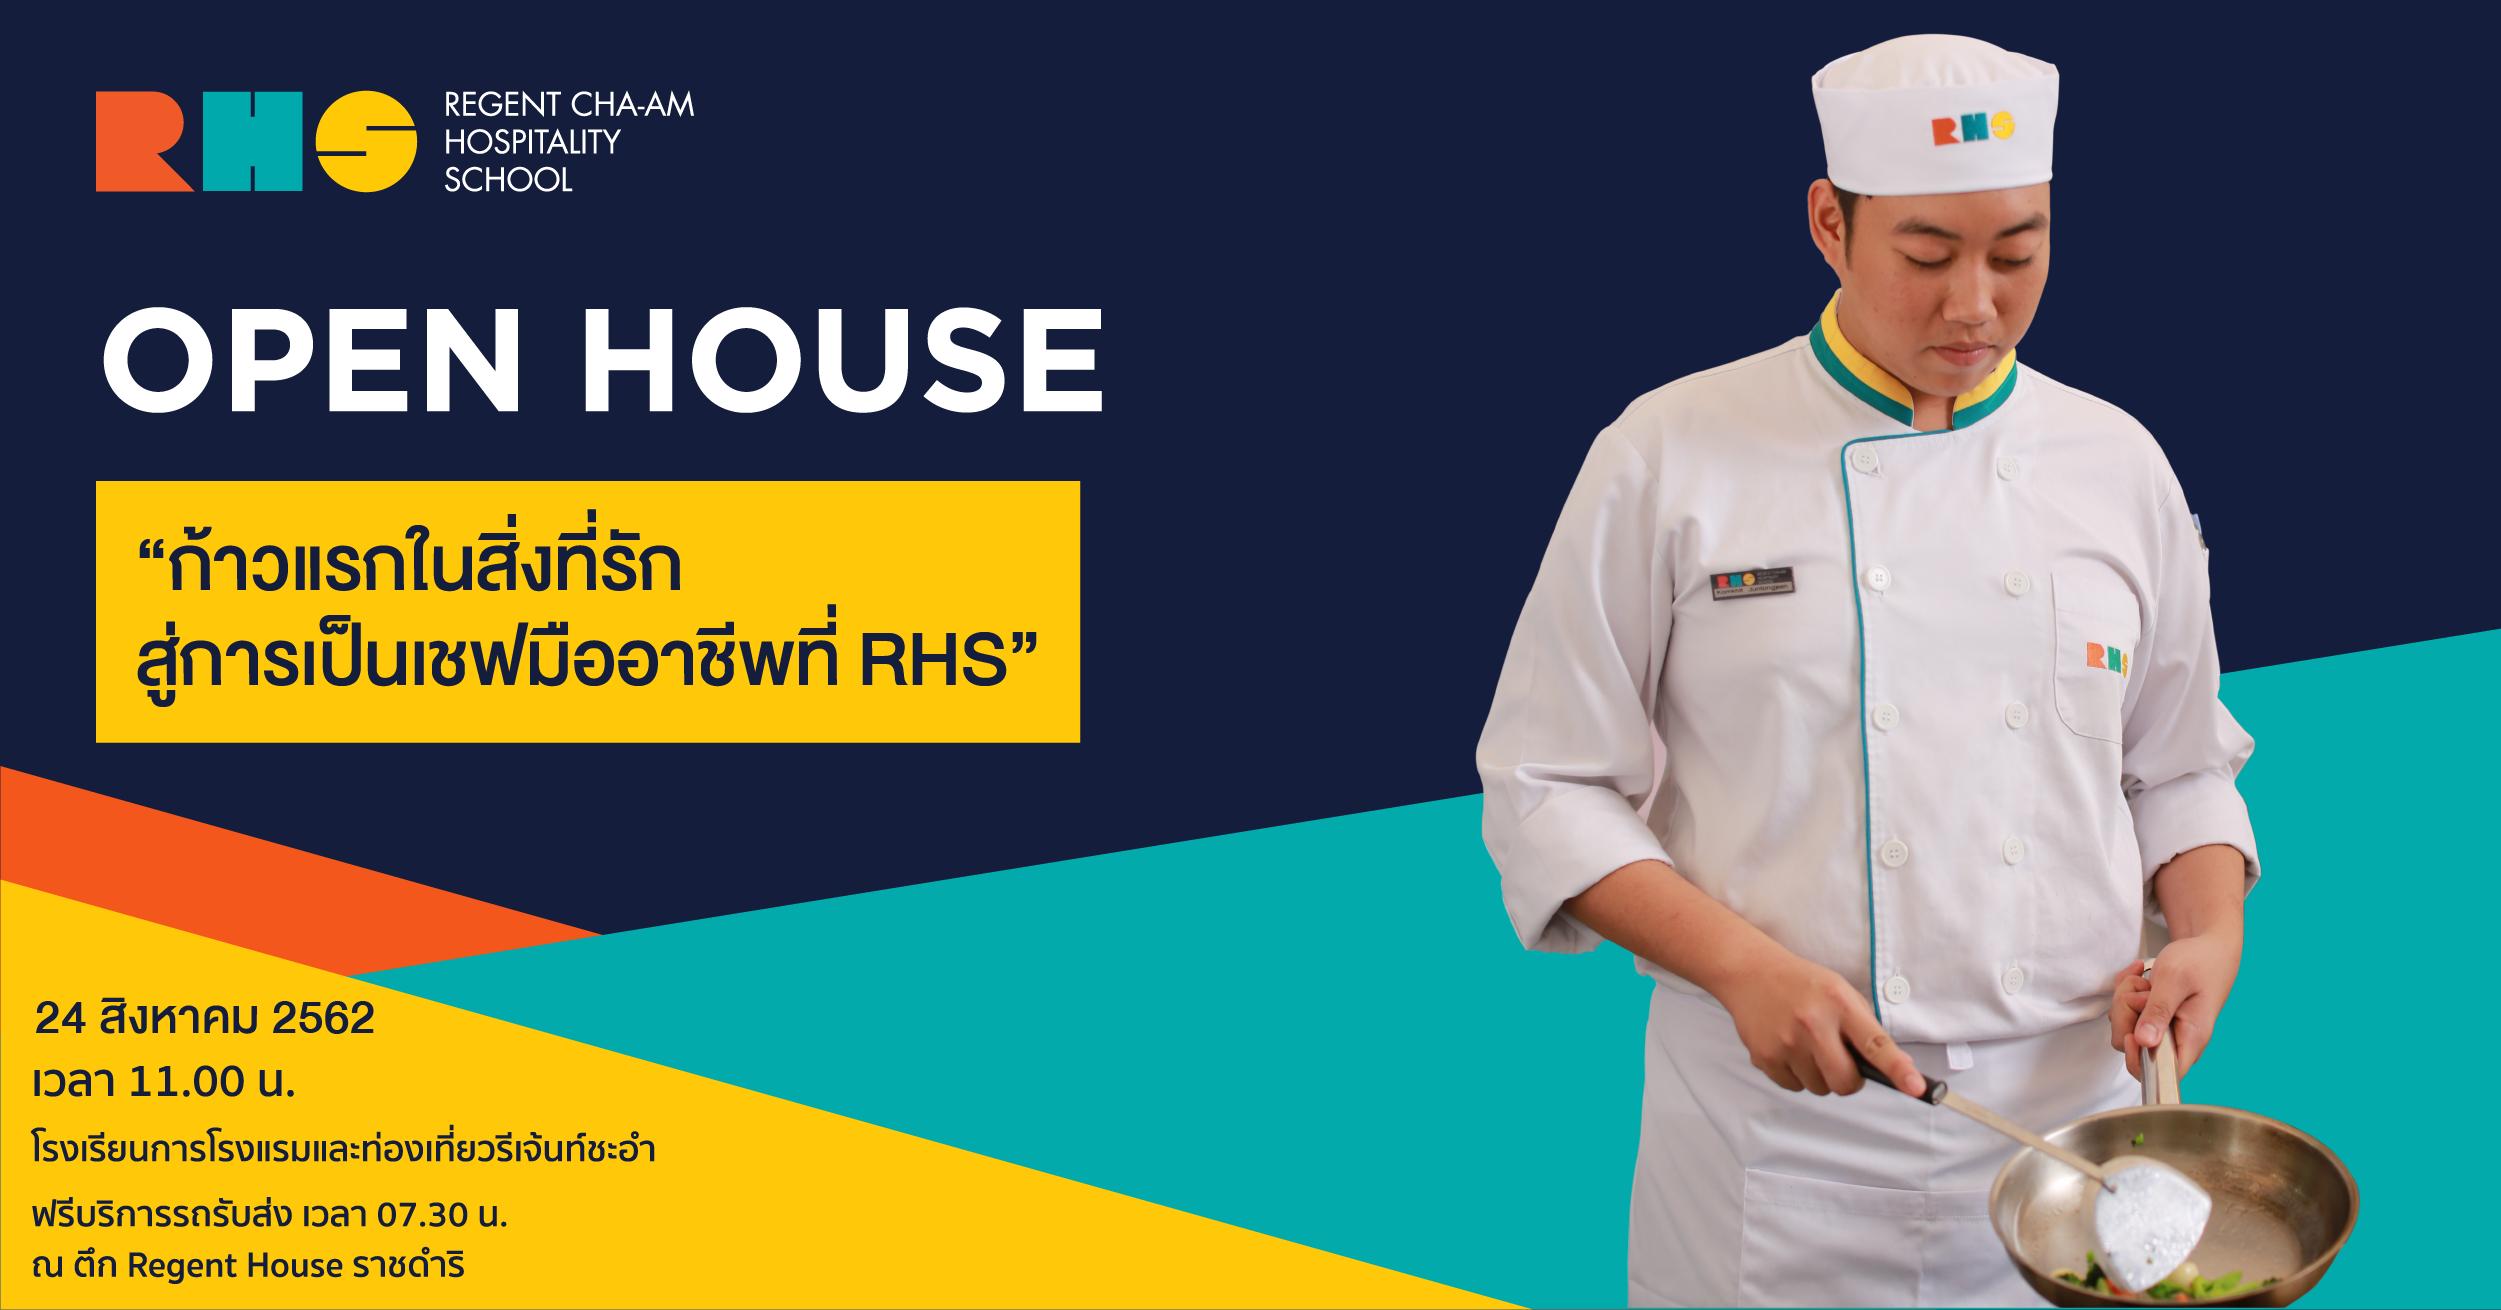 """ลงทะเบียนร่วมงานฟรี Open House """"ก้าวแรกในสิ่งที่รัก สู่การเป็นเชฟมืออาชีพที่ RHS"""" 24 สิงหาคม 2562"""